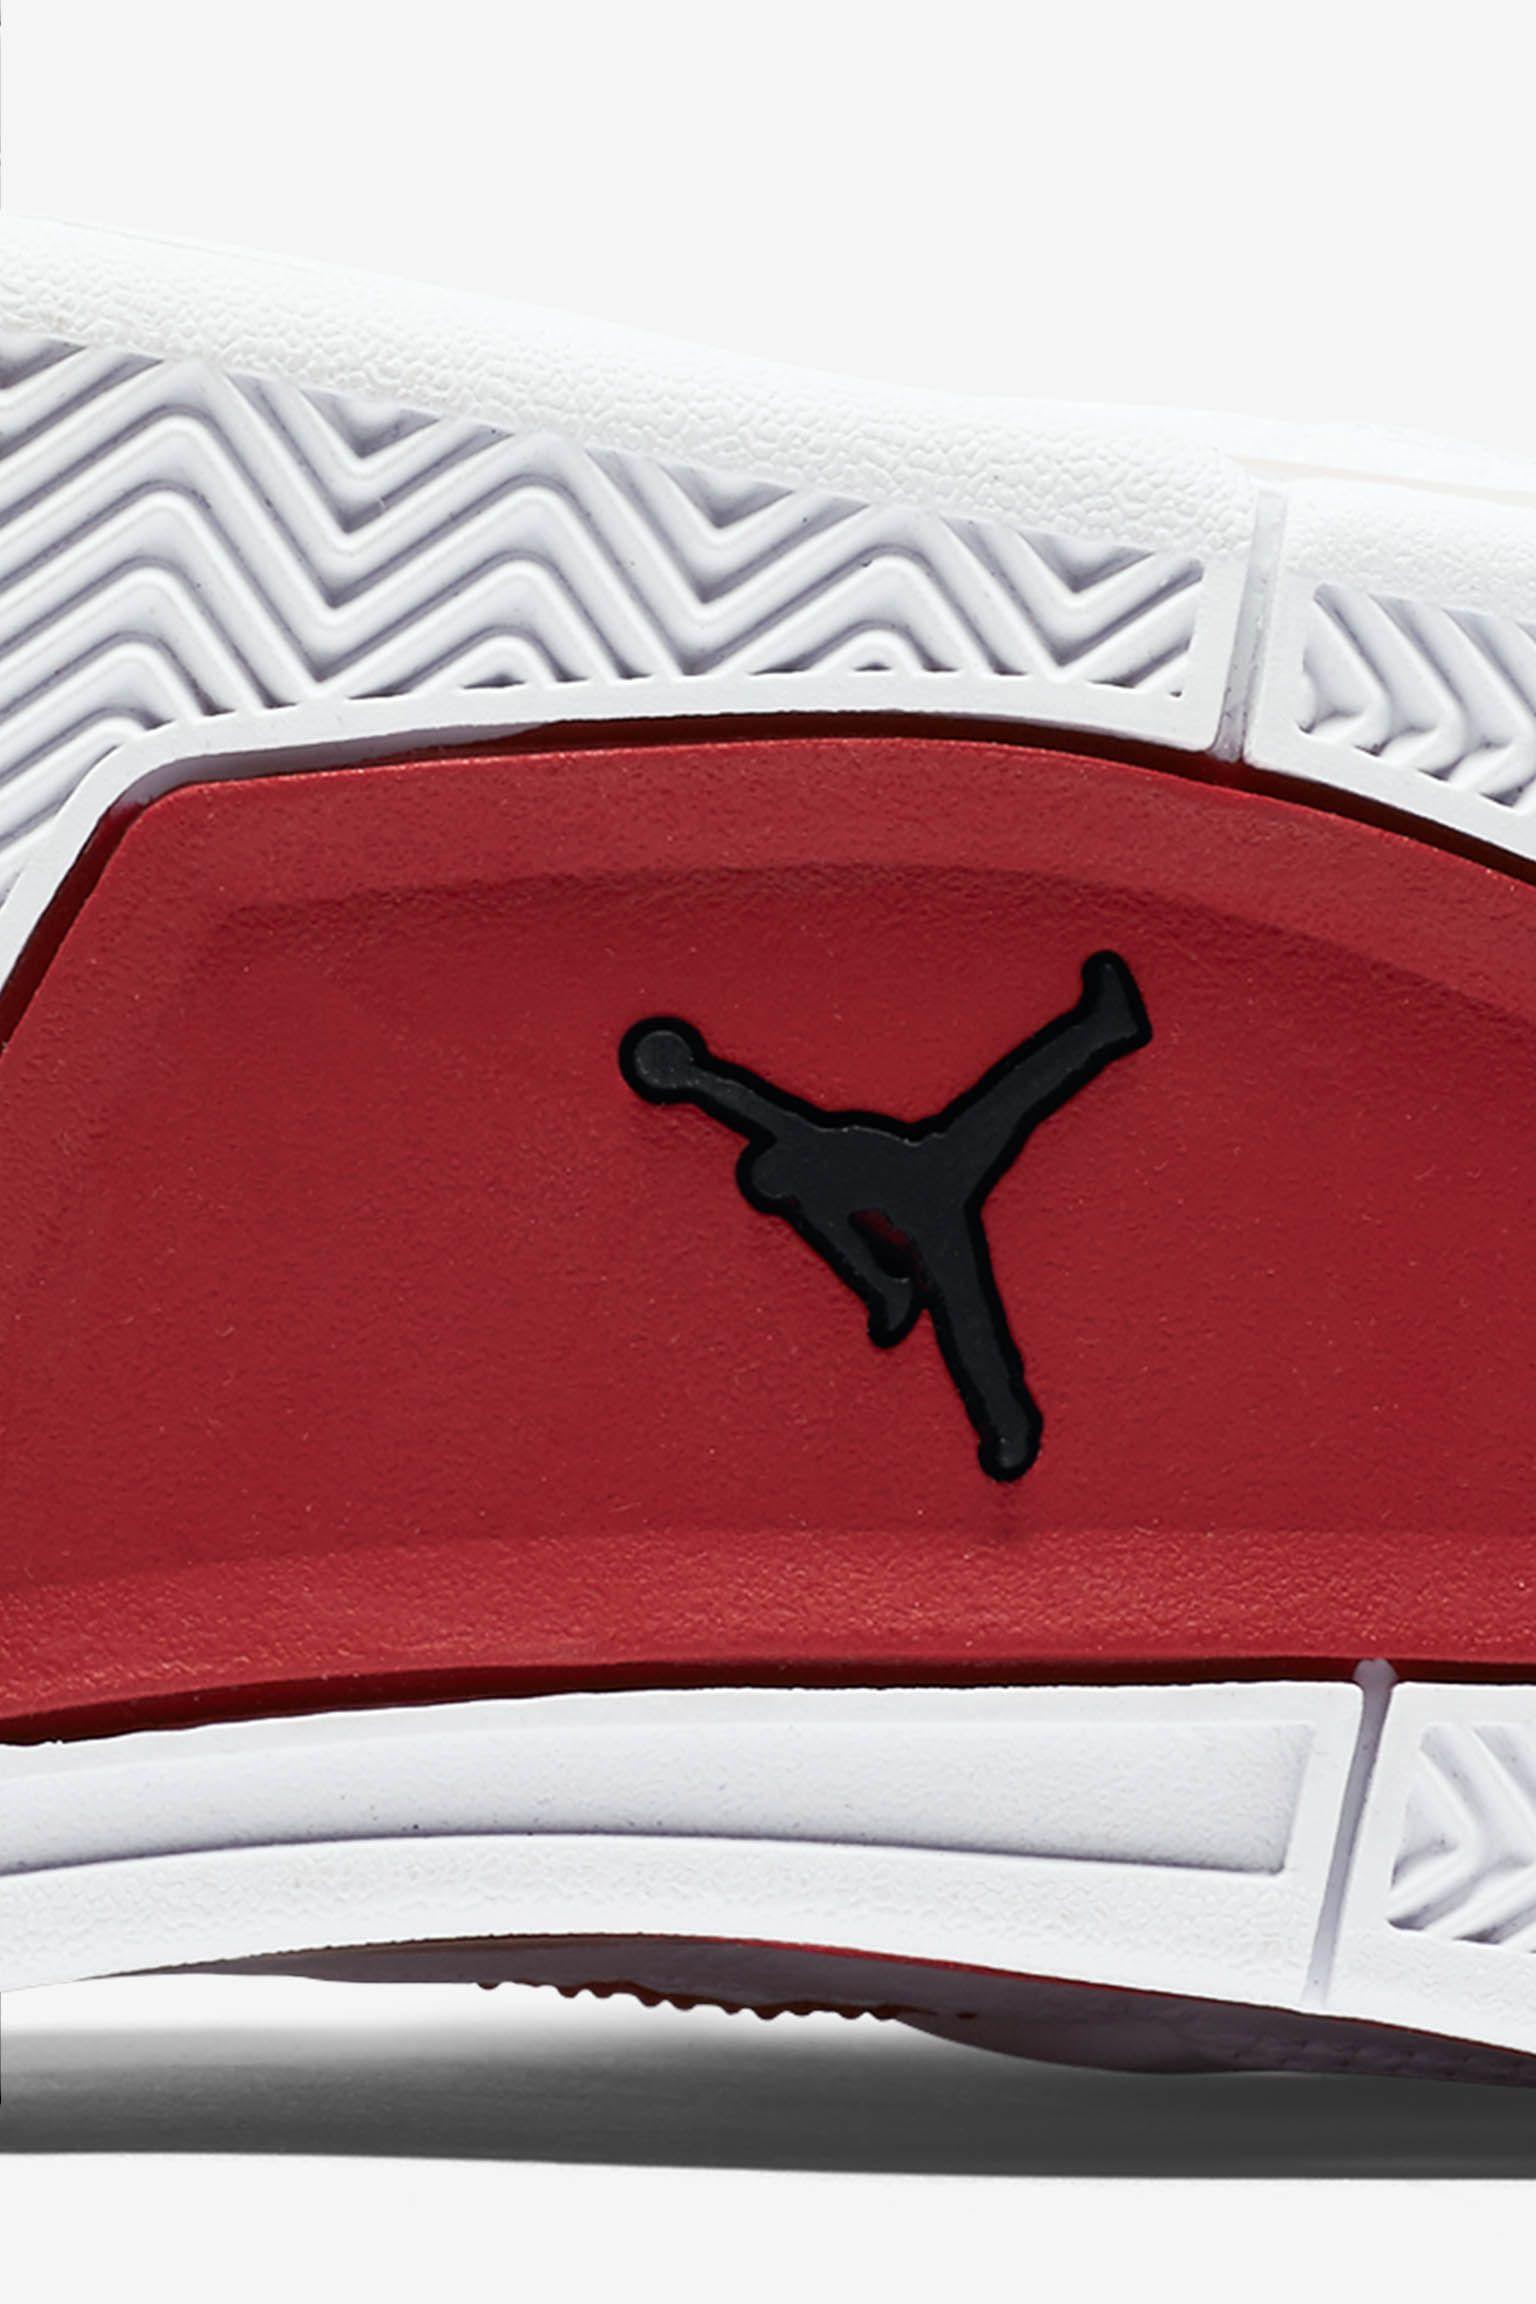 Air Jordan 4 Retro 'Alternate 89' Release Date